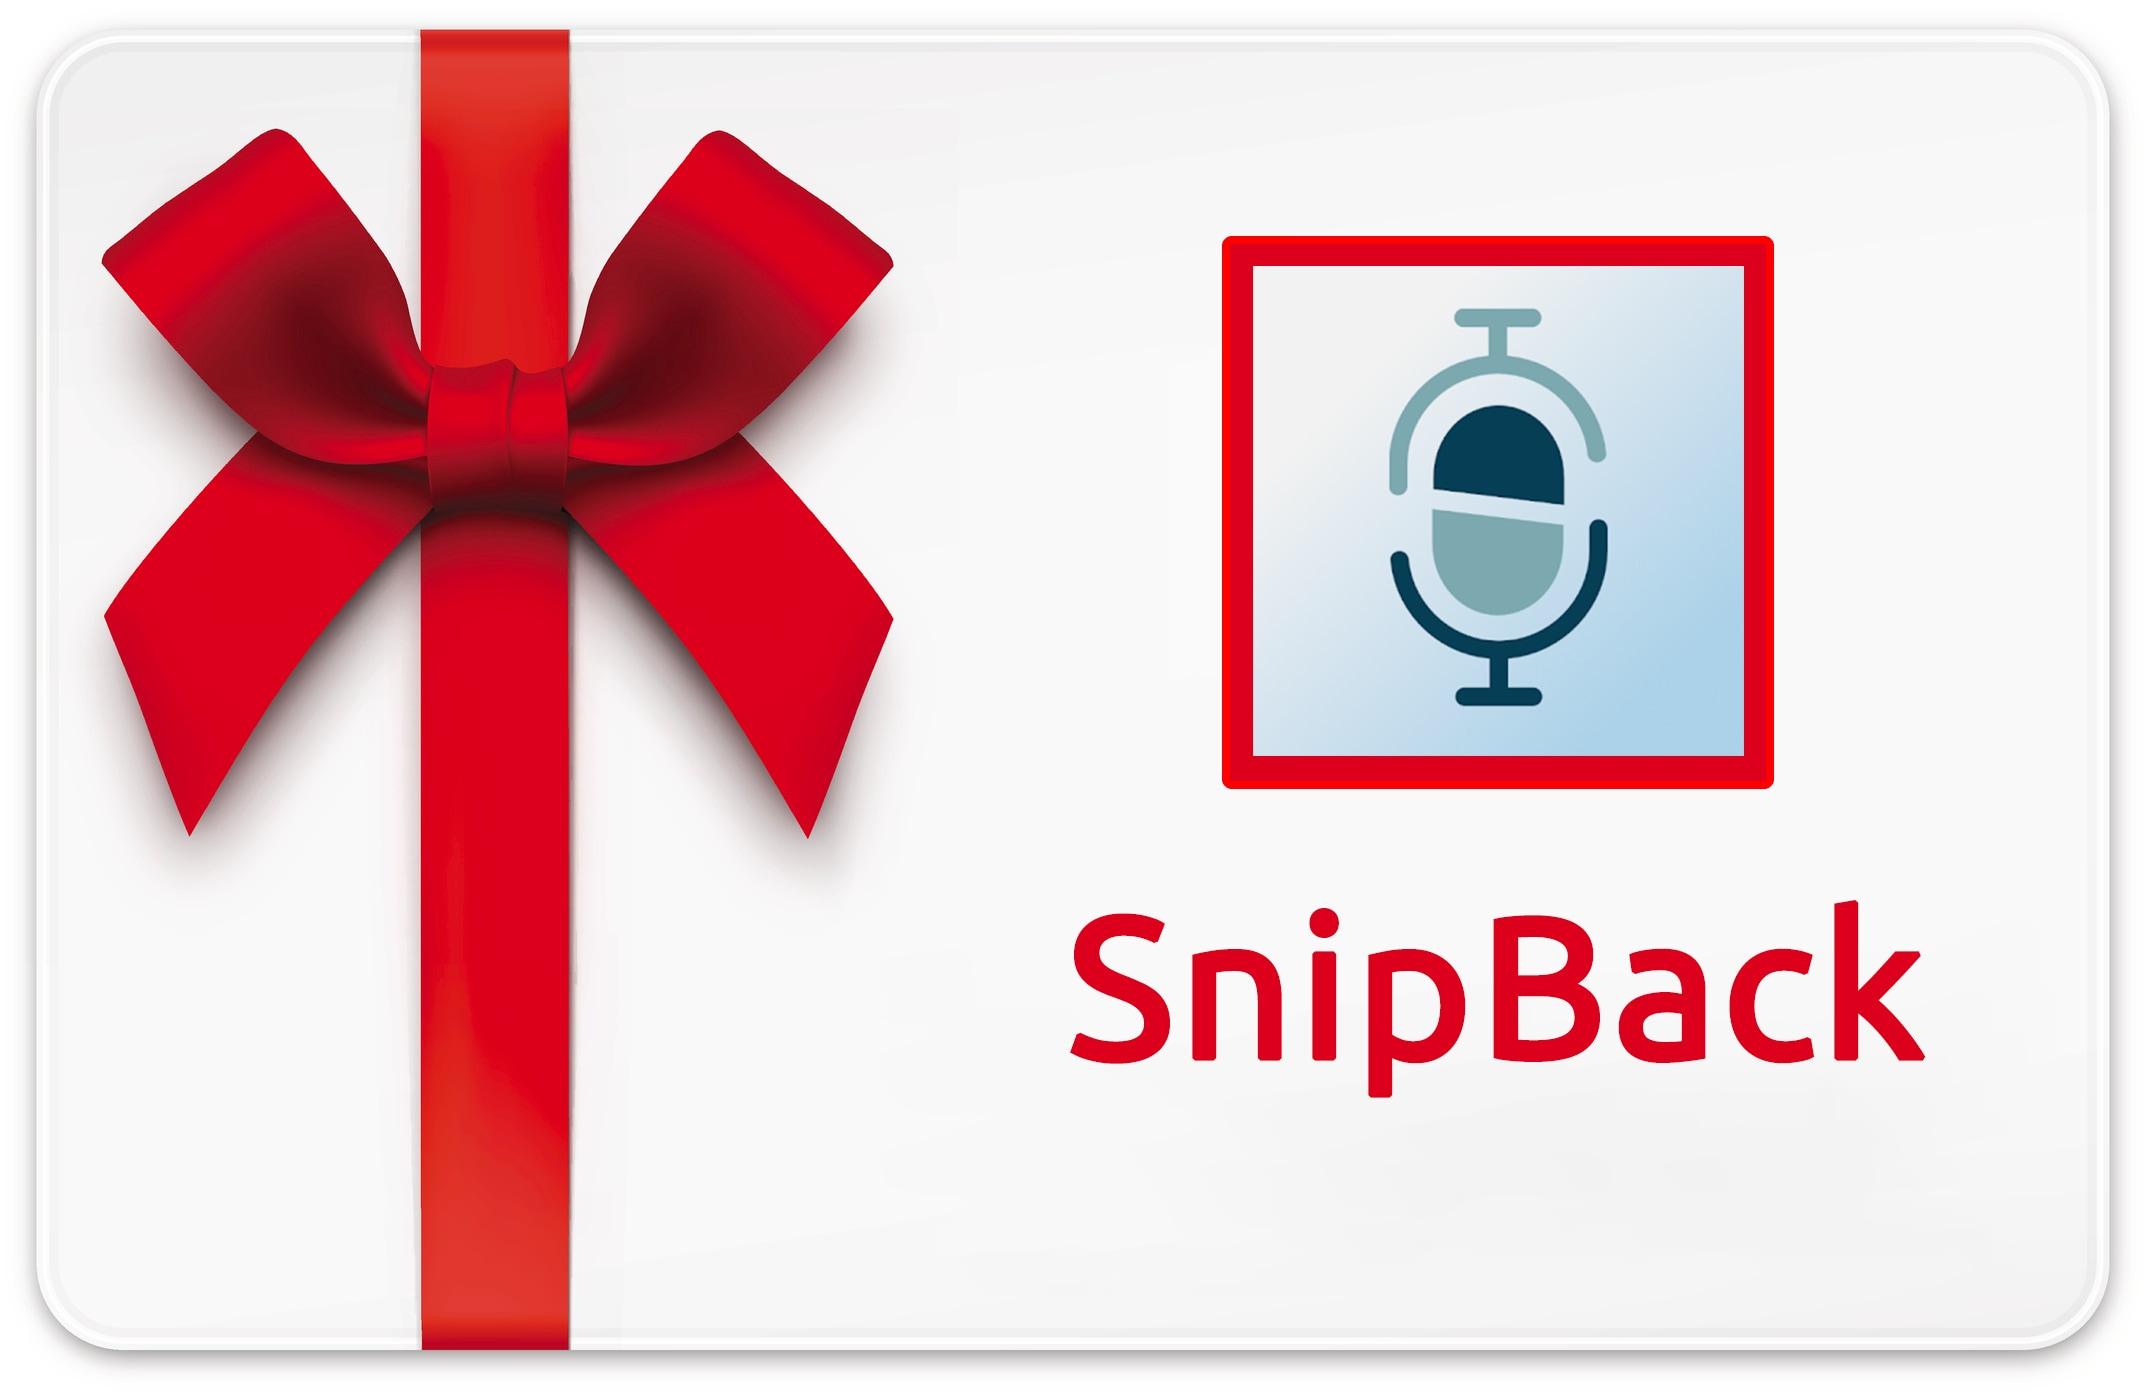 SnipBack gratis: 10 codici promo per questo registratore smart